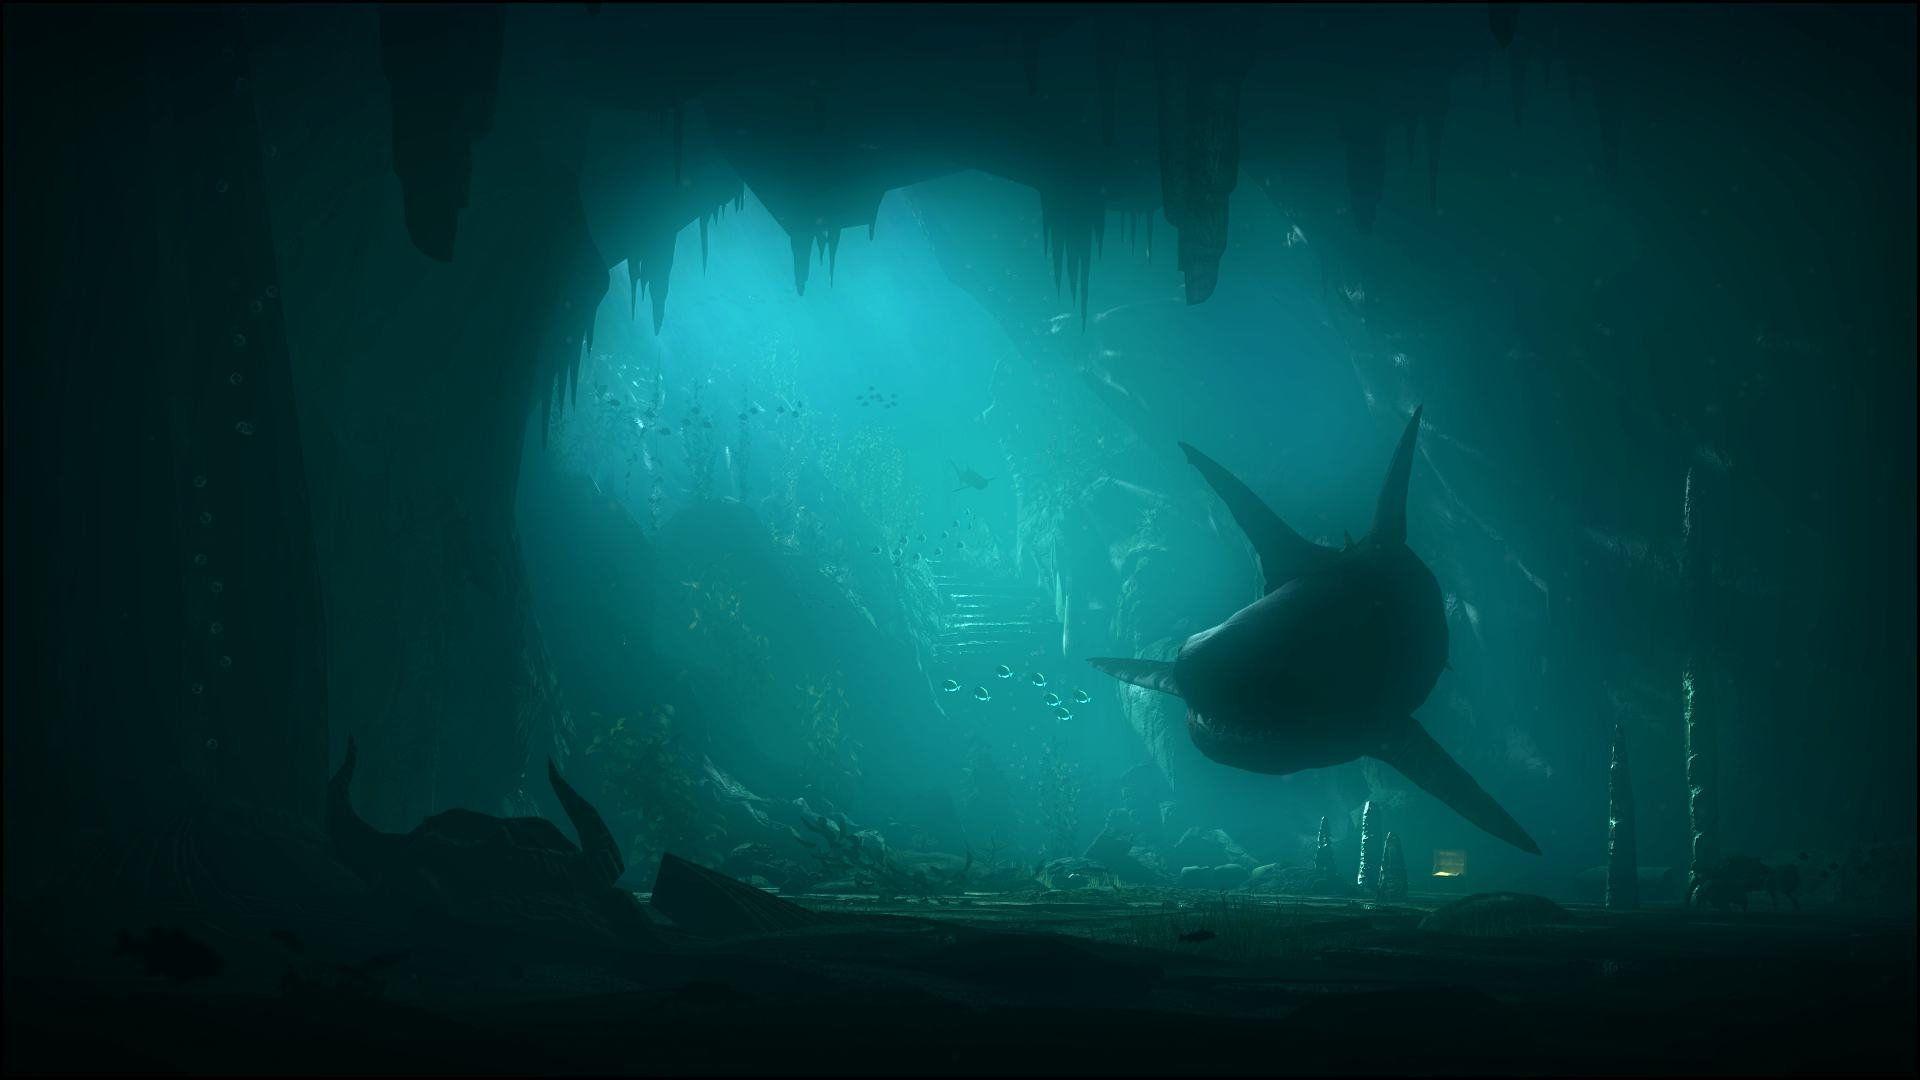 Картинки подводный мир на рабочий стол на весь экран